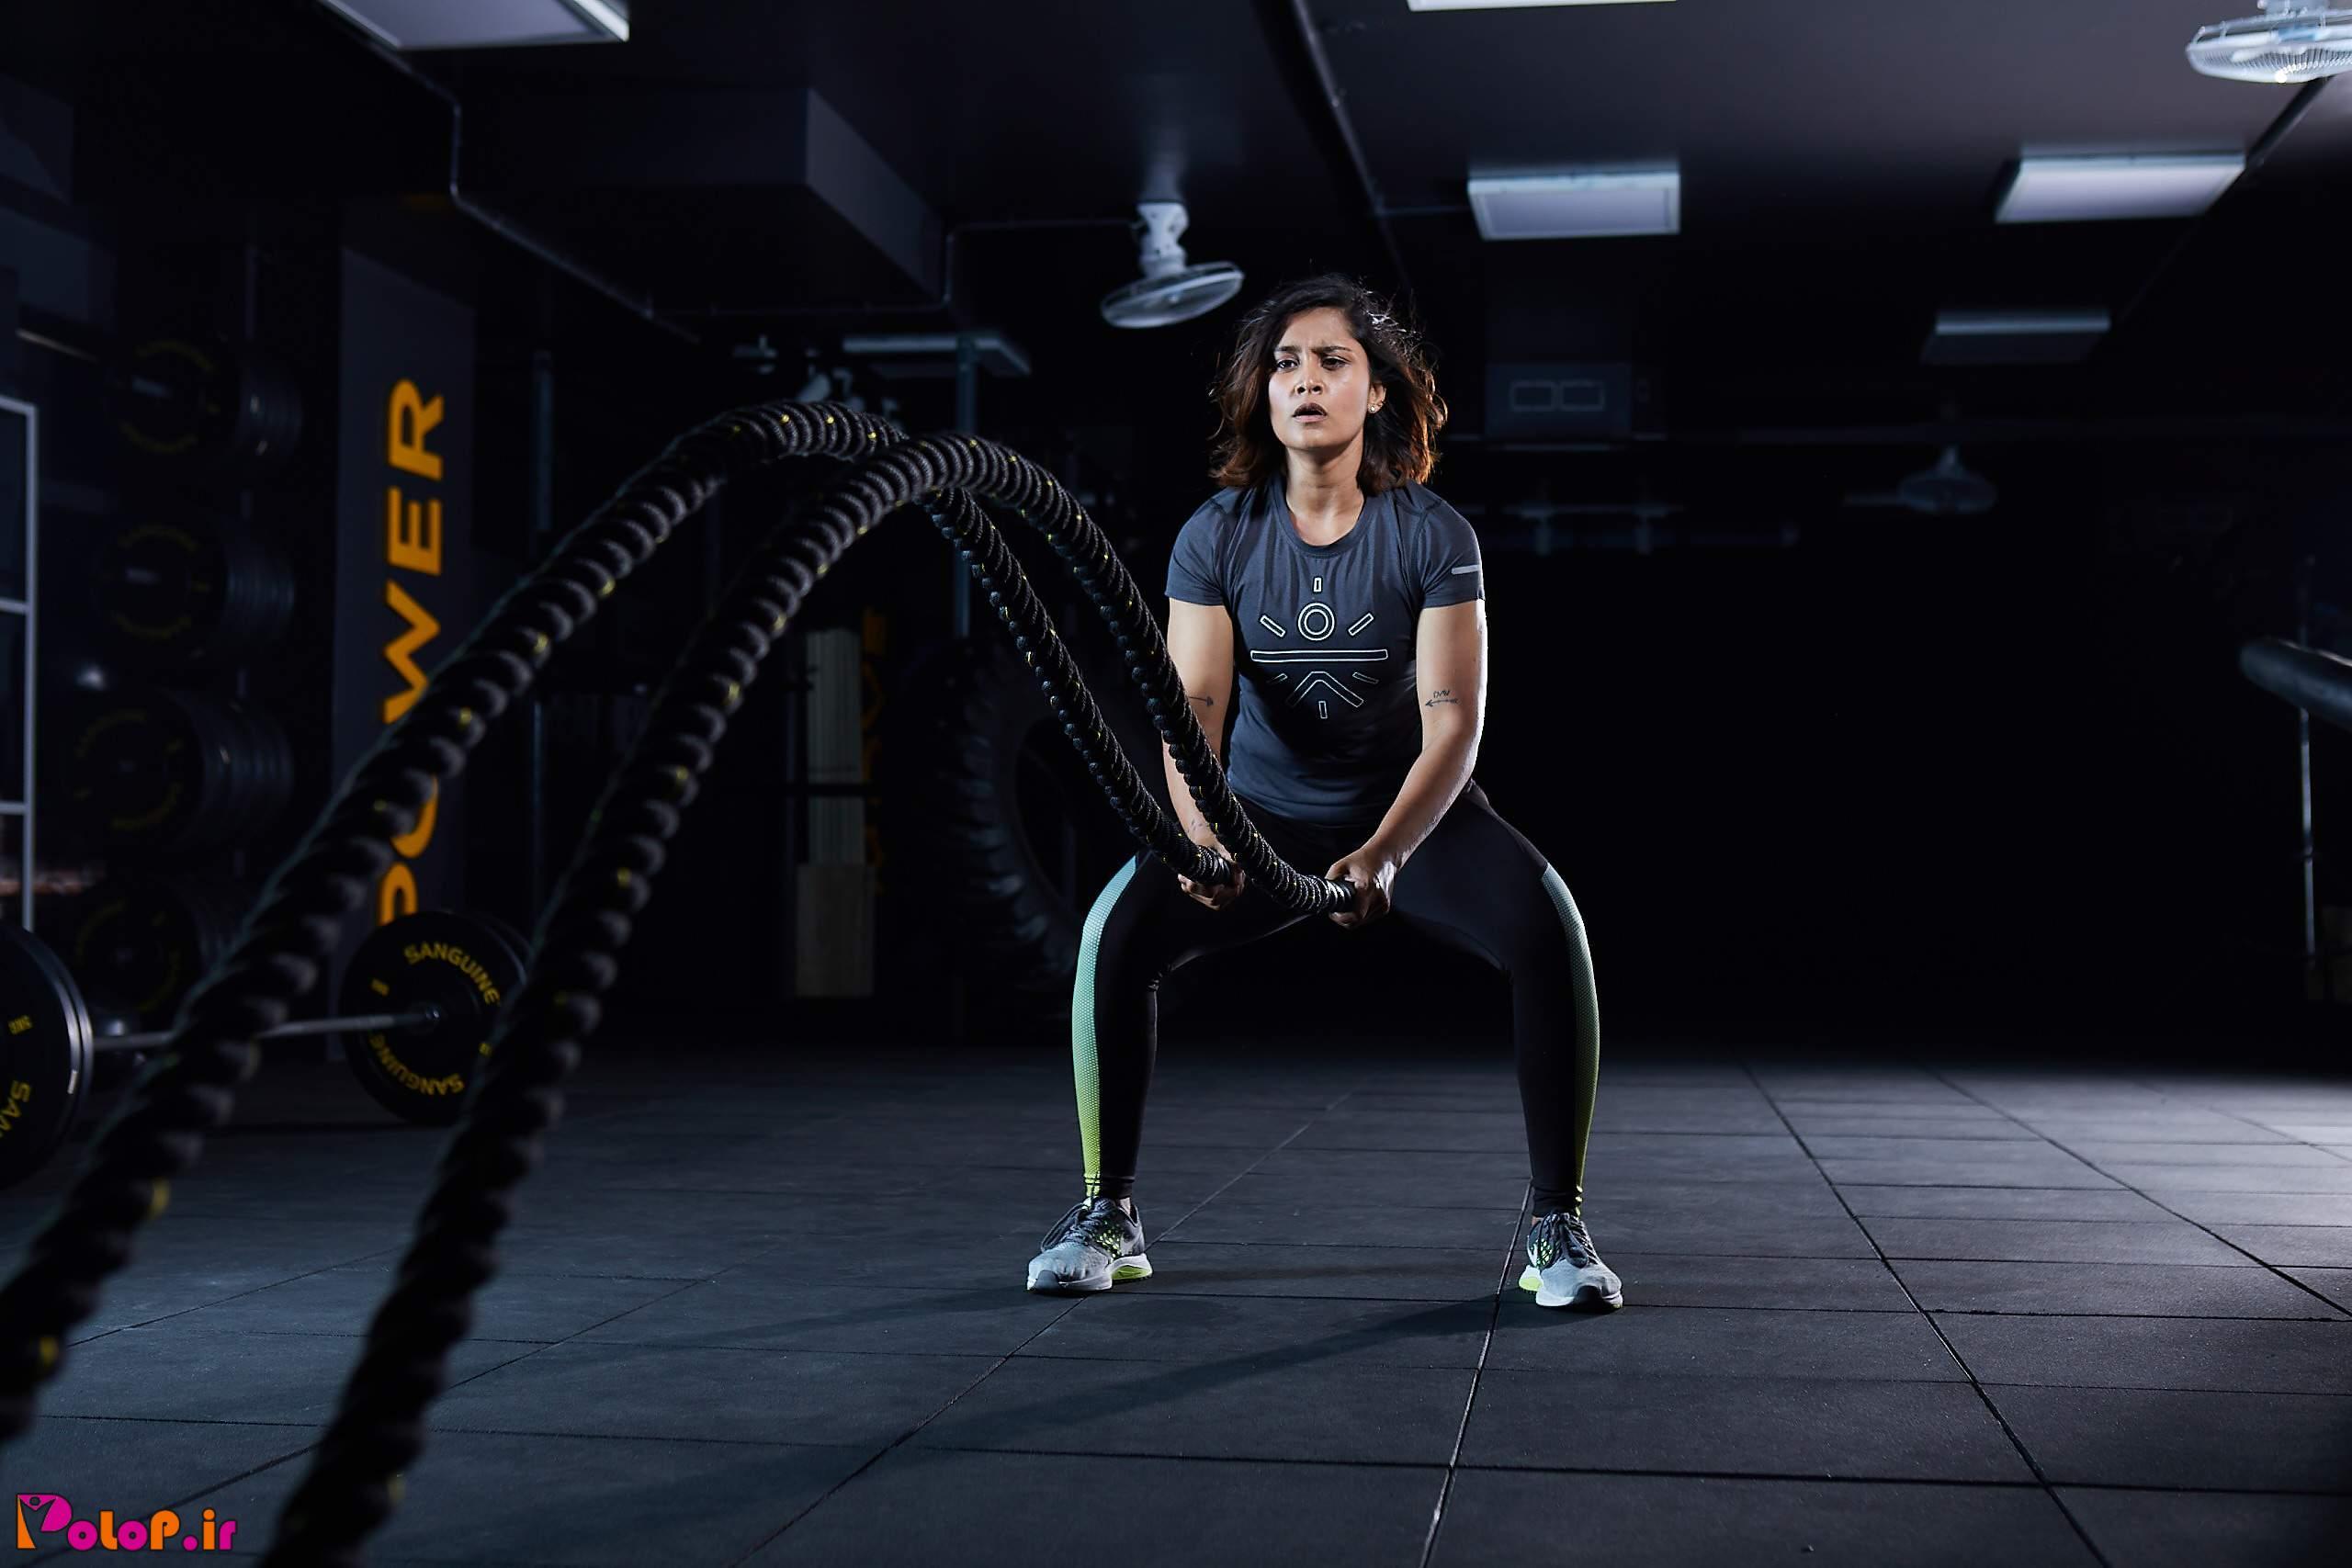 خودتان را به ورزش کردن پایبند کنید